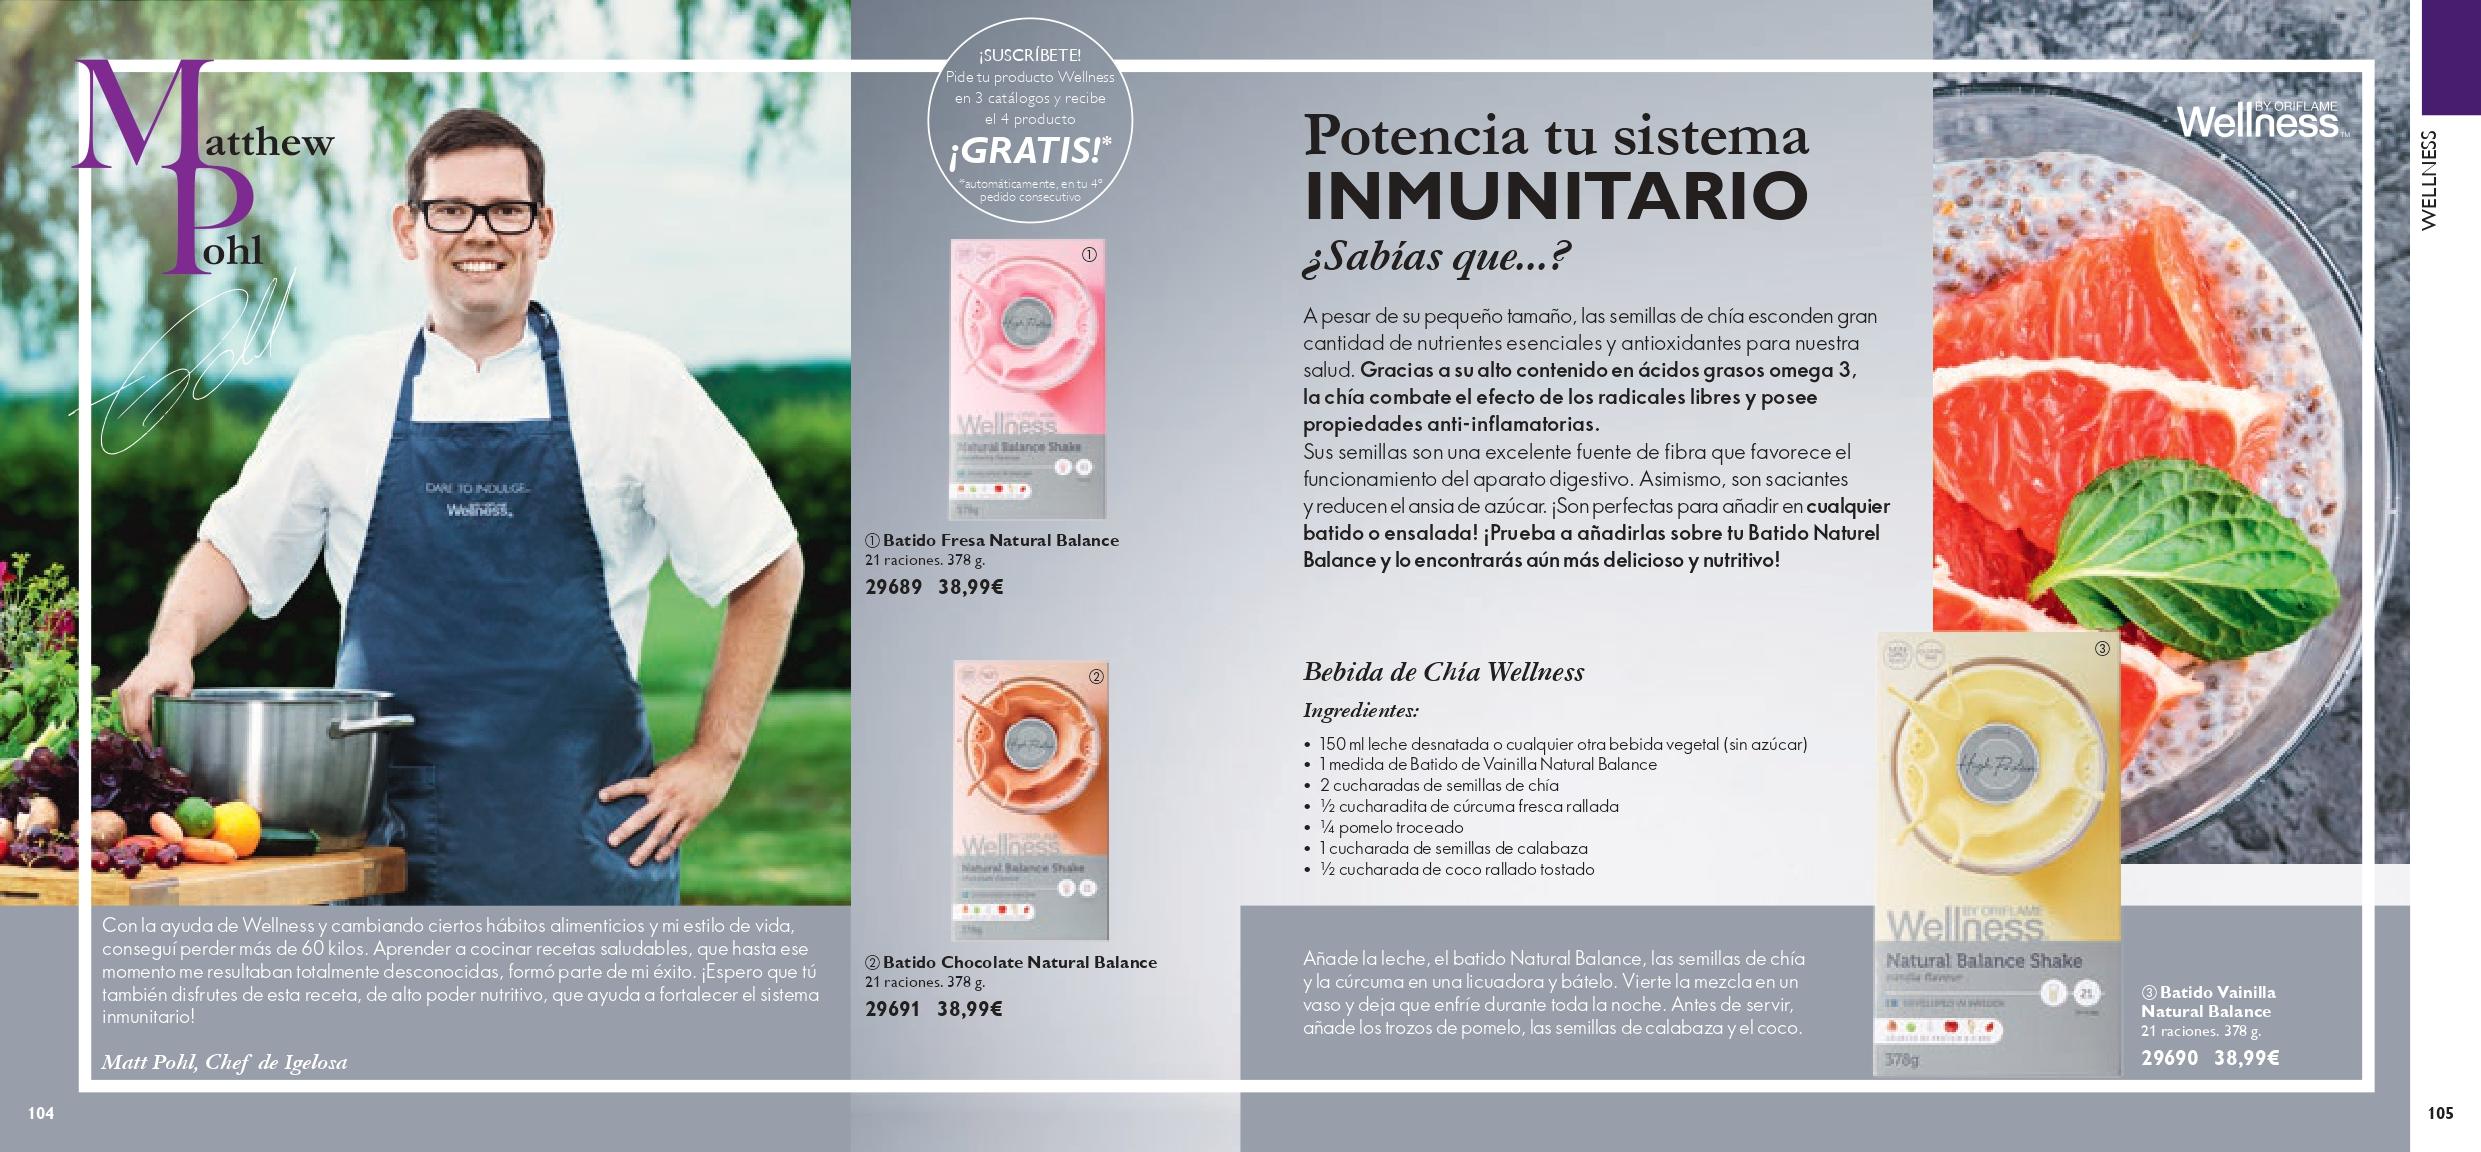 2019.ce.016.es.002-003+79_page-0052